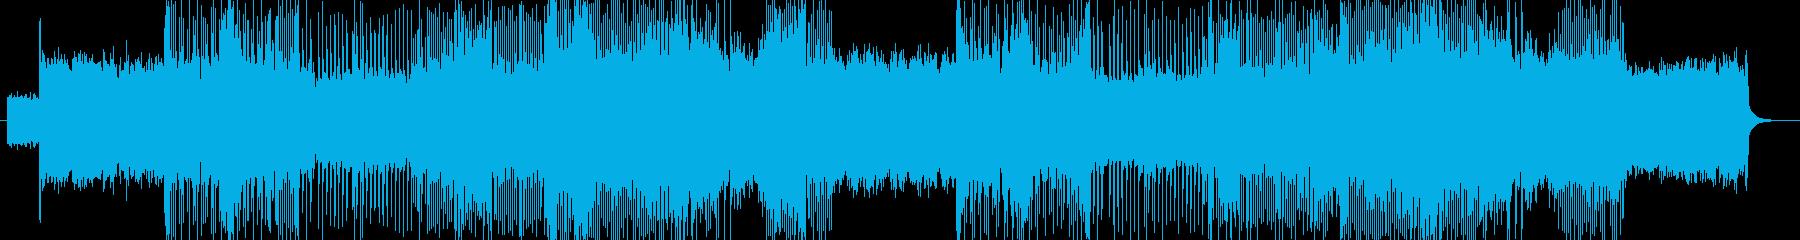 「HARD ROCK」BGM245の再生済みの波形